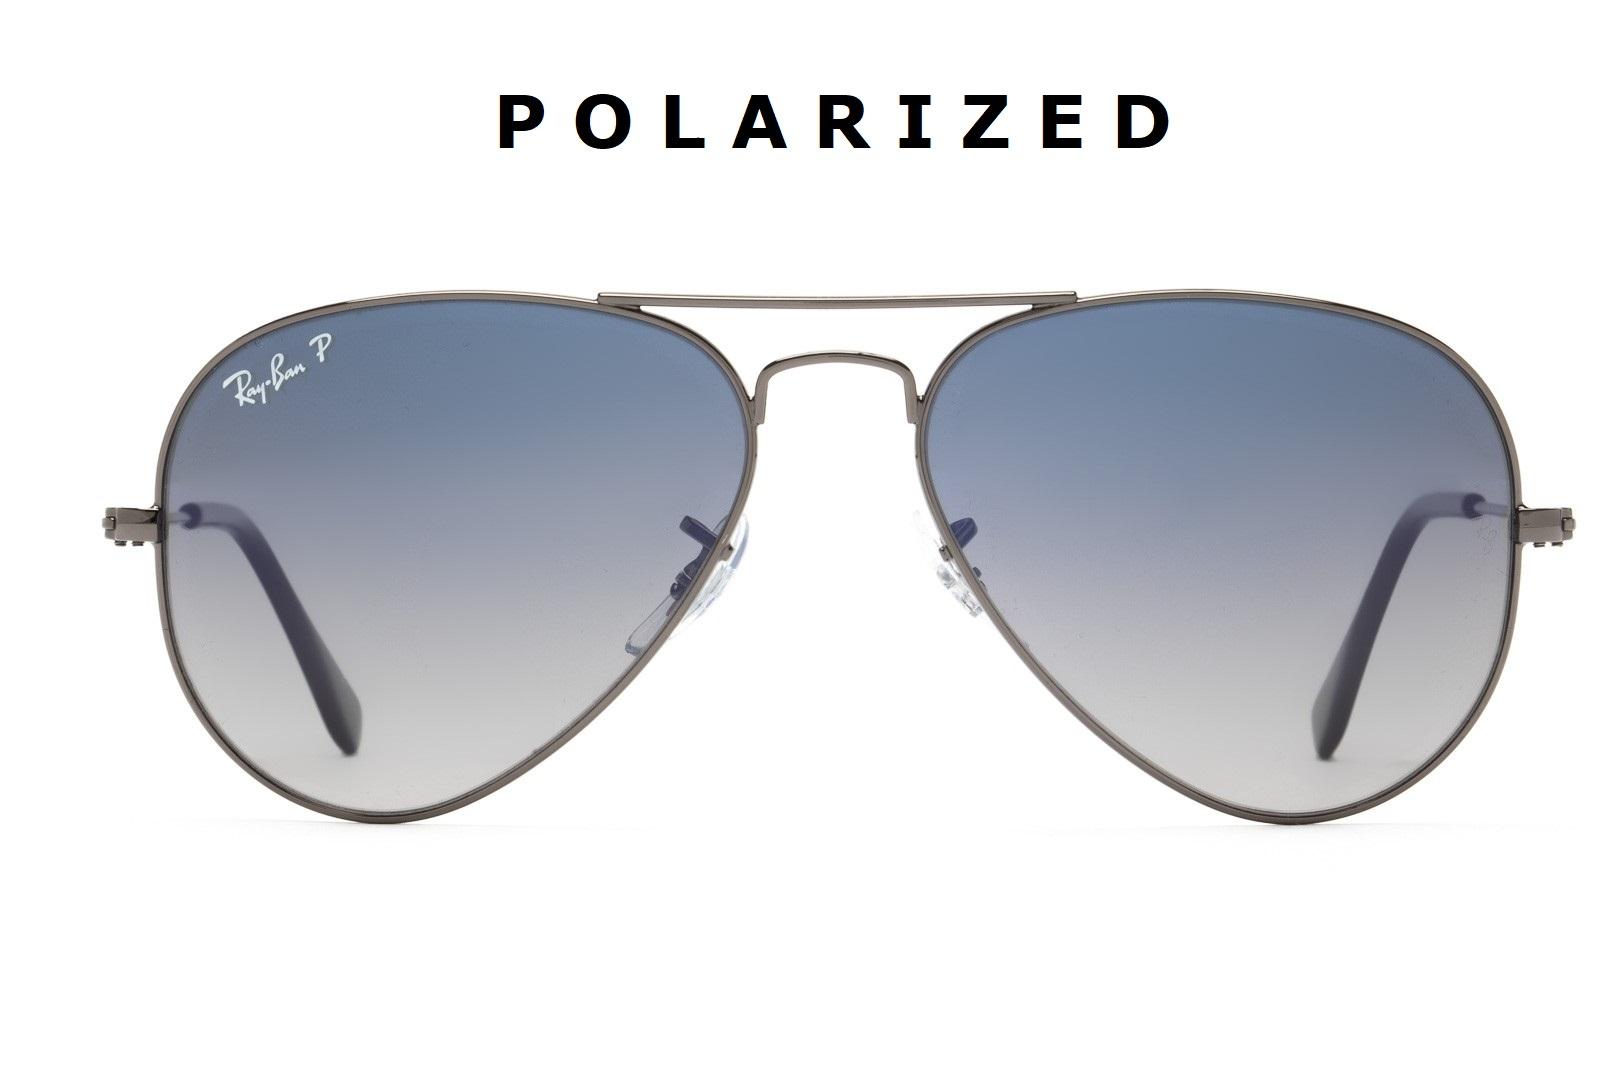 004/78 POLARIZZATO